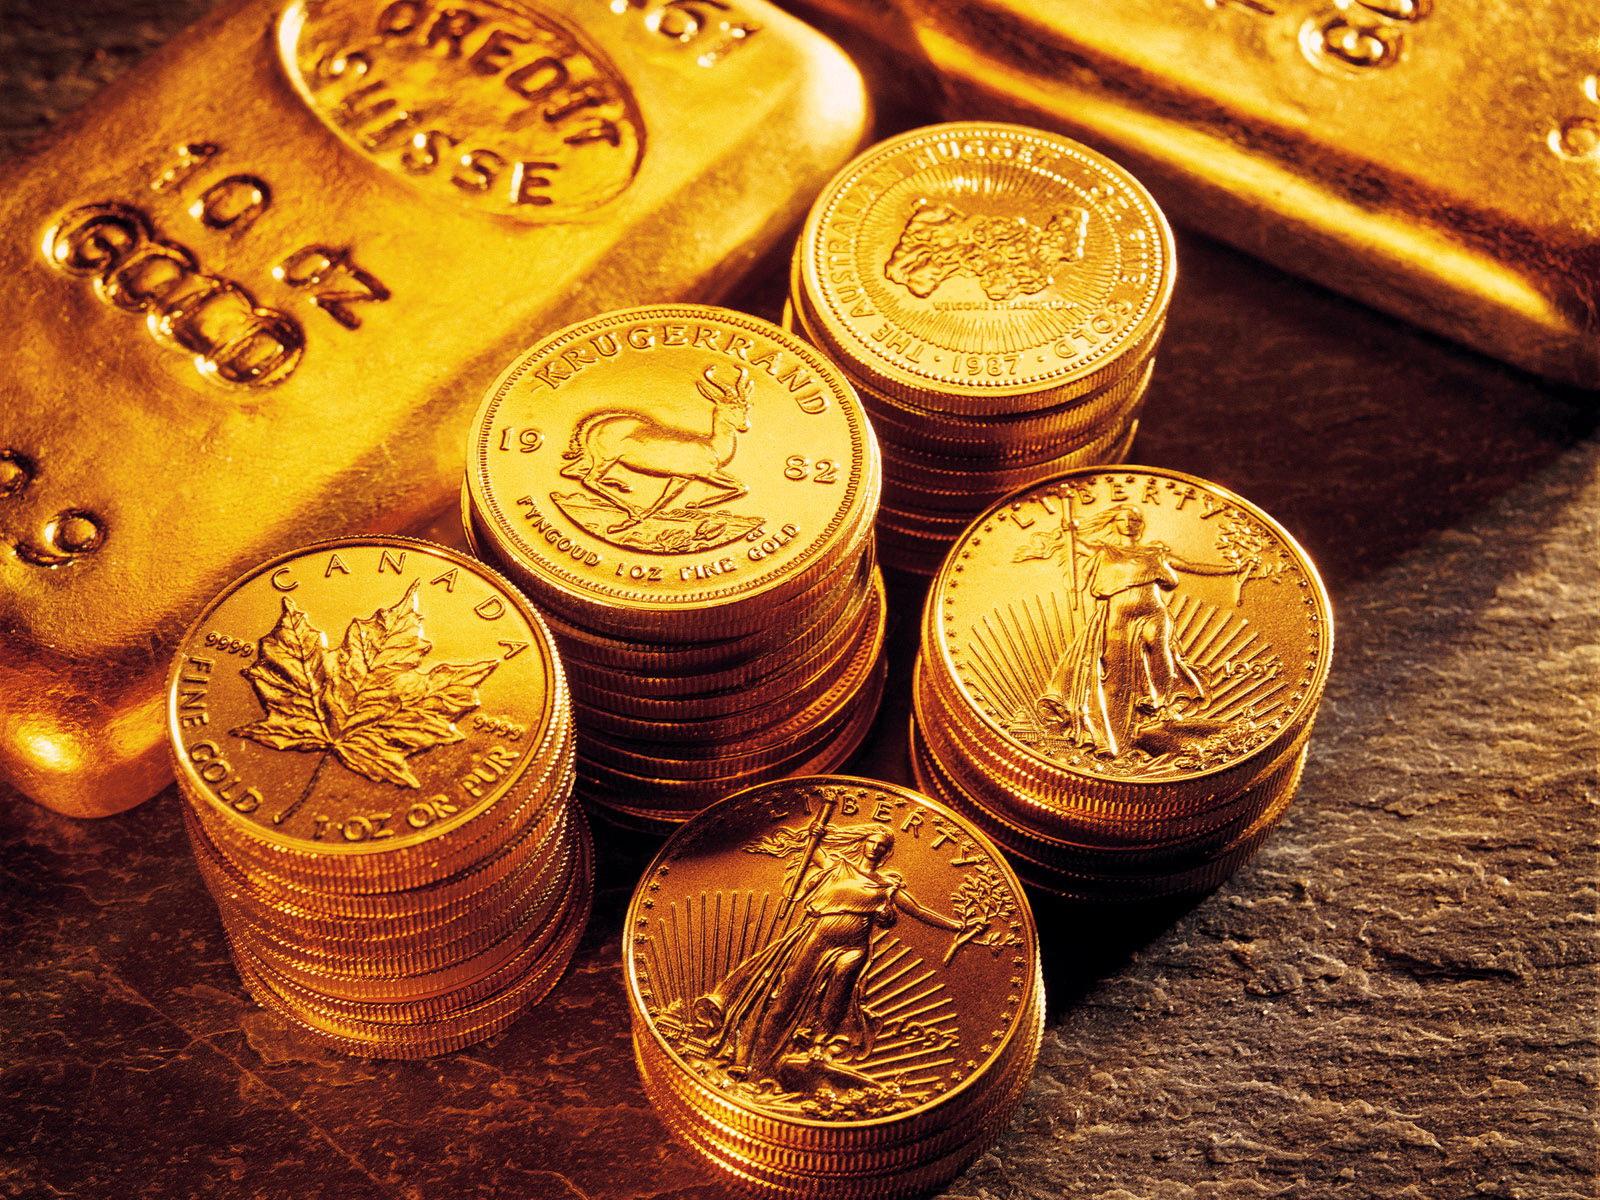 Giá vàng hôm nay 24/9: Biến động trái chiều sau khi giảm 1% vào phiên trước